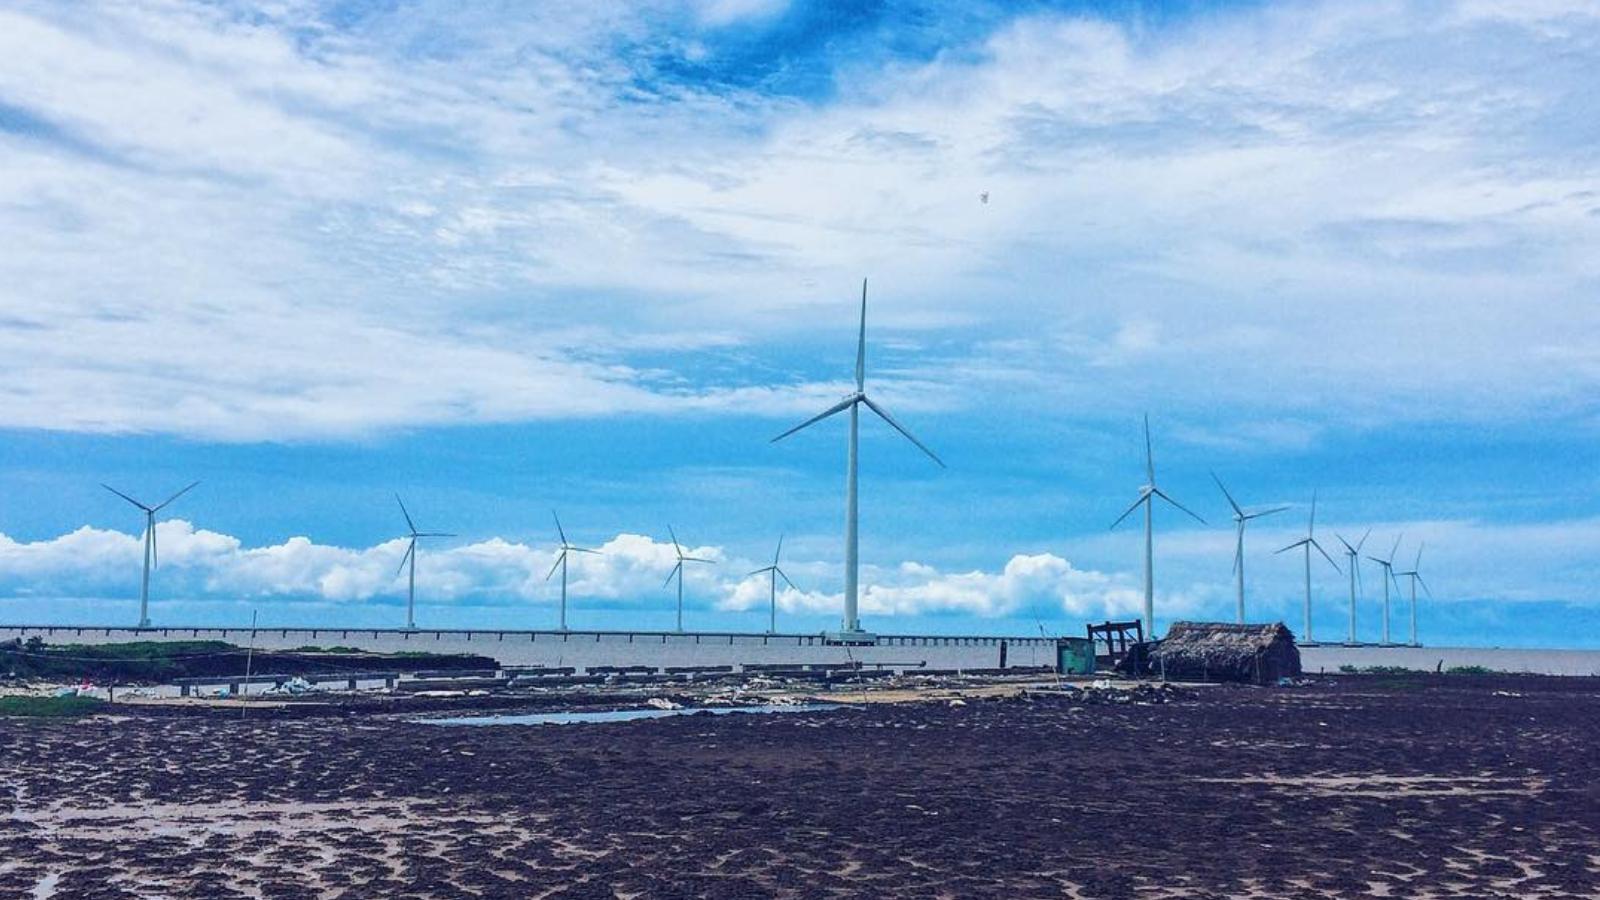 Cánh đồng quạt gió ở thành phố Bạc Liêu